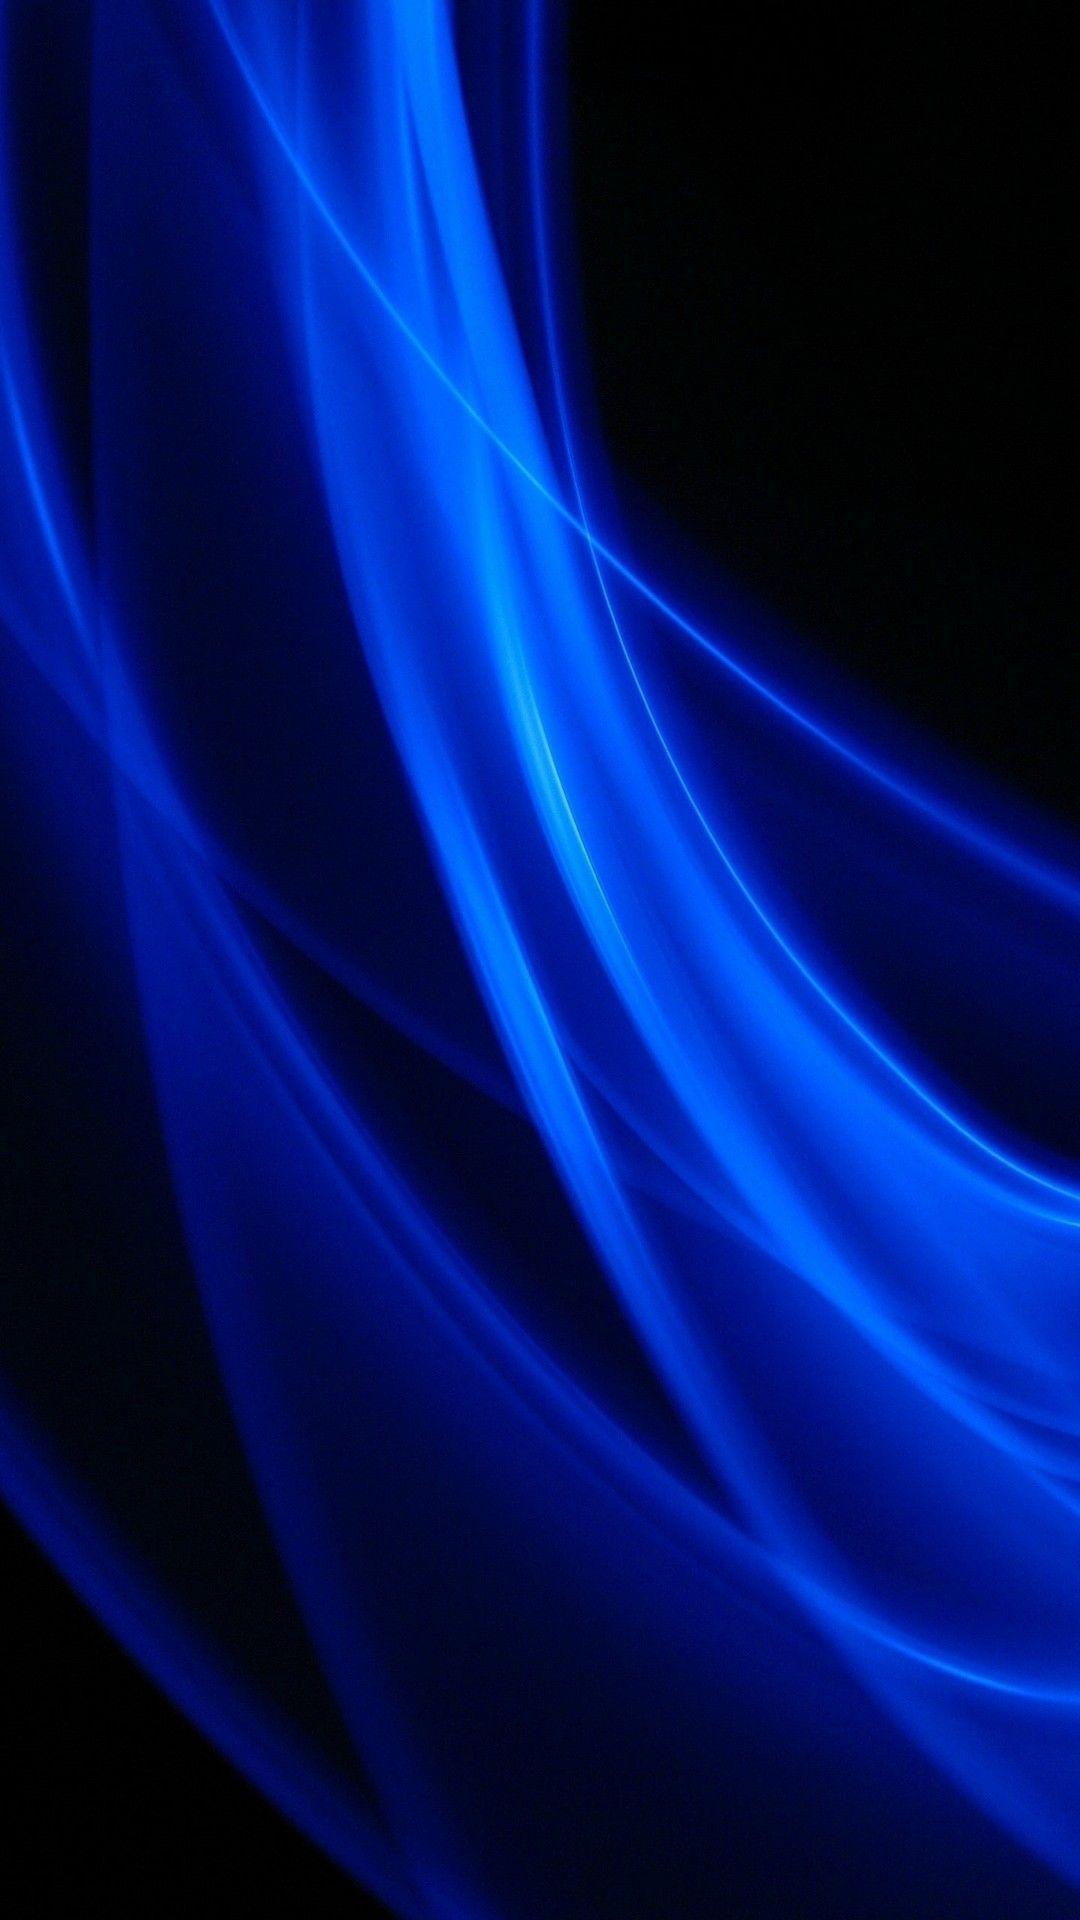 Dark Blue iPhone Wallpapers - Top Free Dark Blue iPhone ...